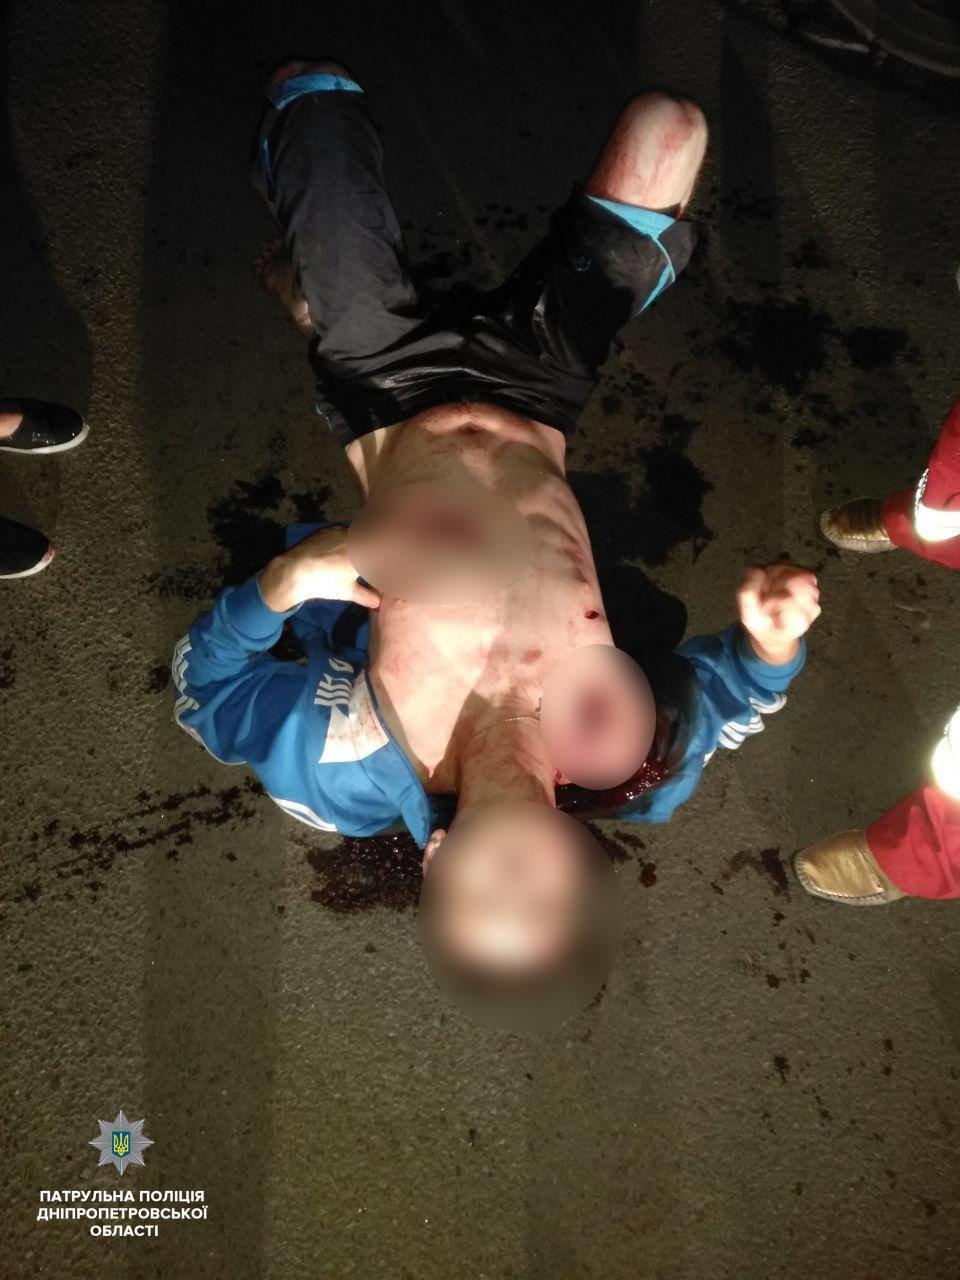 На Слобожанском 20-летний мужчина изрезал прохожего, - ФОТО, фото-1